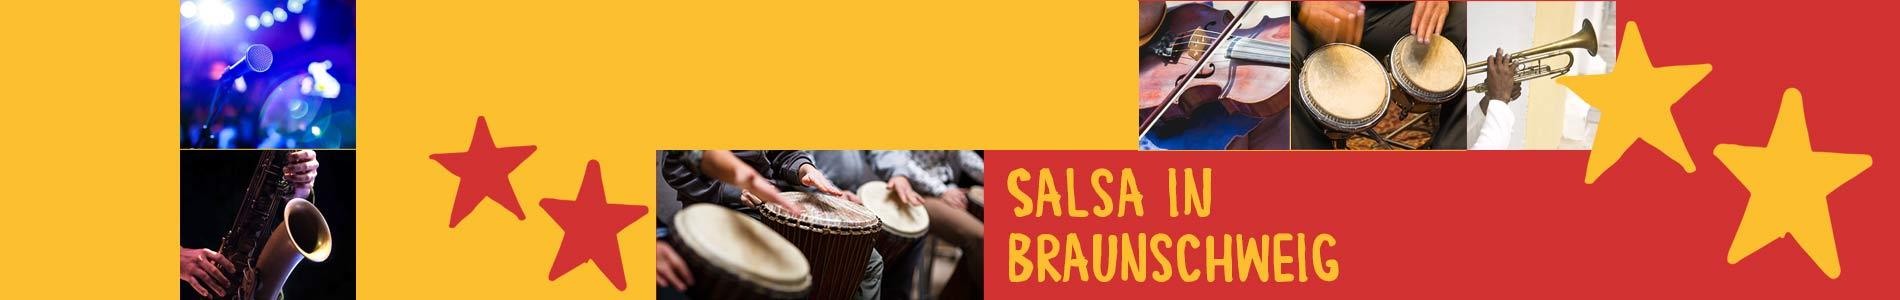 Salsa in Braunschweig – Salsa lernen und tanzen, Tanzkurse, Partys, Veranstaltungen